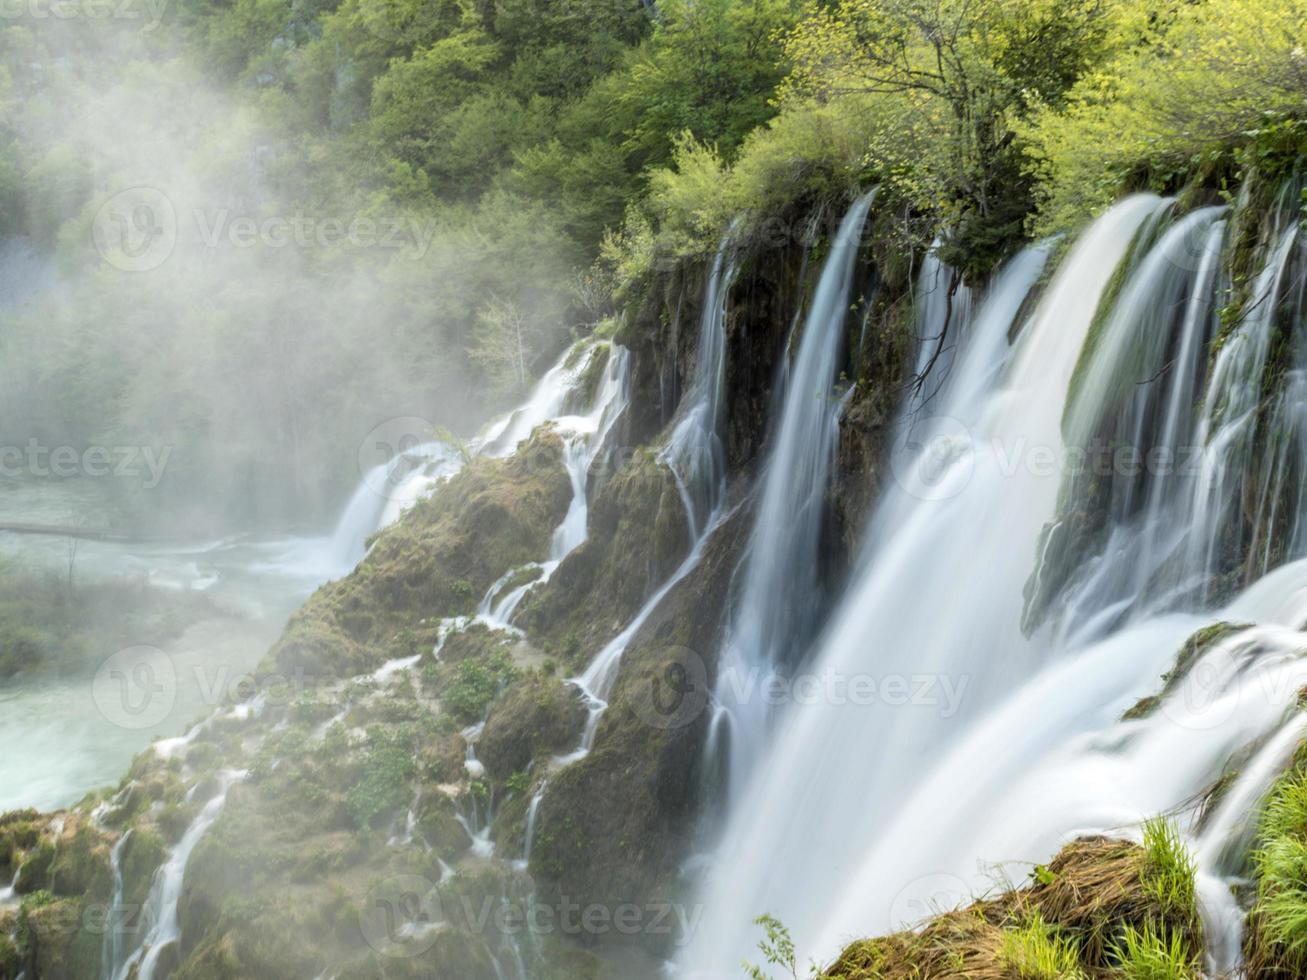 la beauté des bois de plitvice, des lacs et des cascades. photo